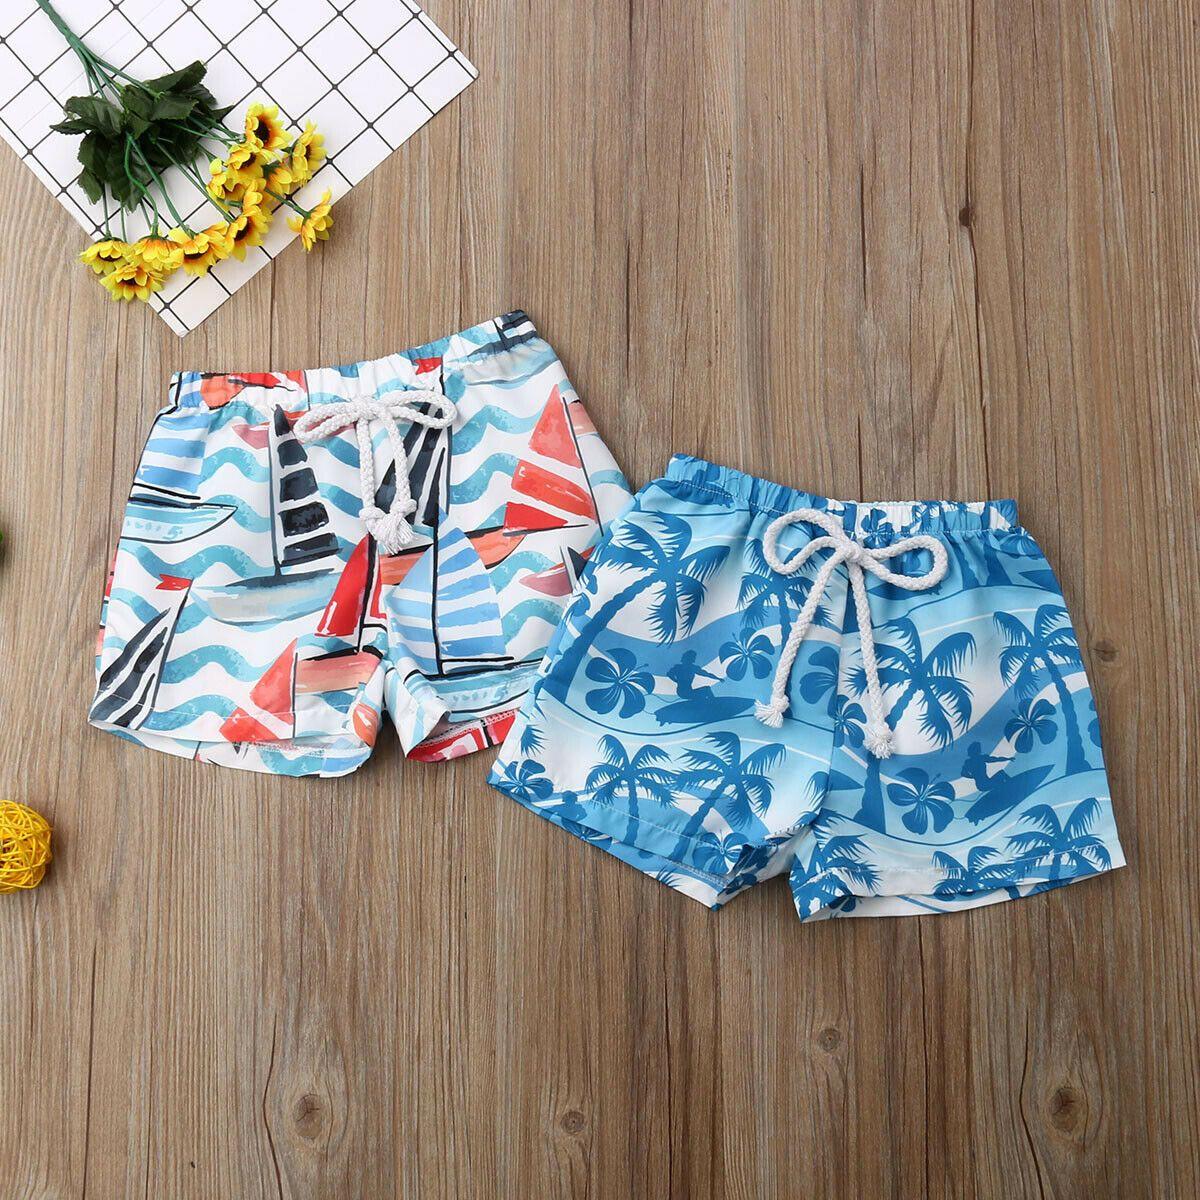 طفل رضيع هاواي مطاطا زنار السراويل القصيرة الصيف شاطئ السراويل ملابس بحر المايوه للطفل طفل الأطفال